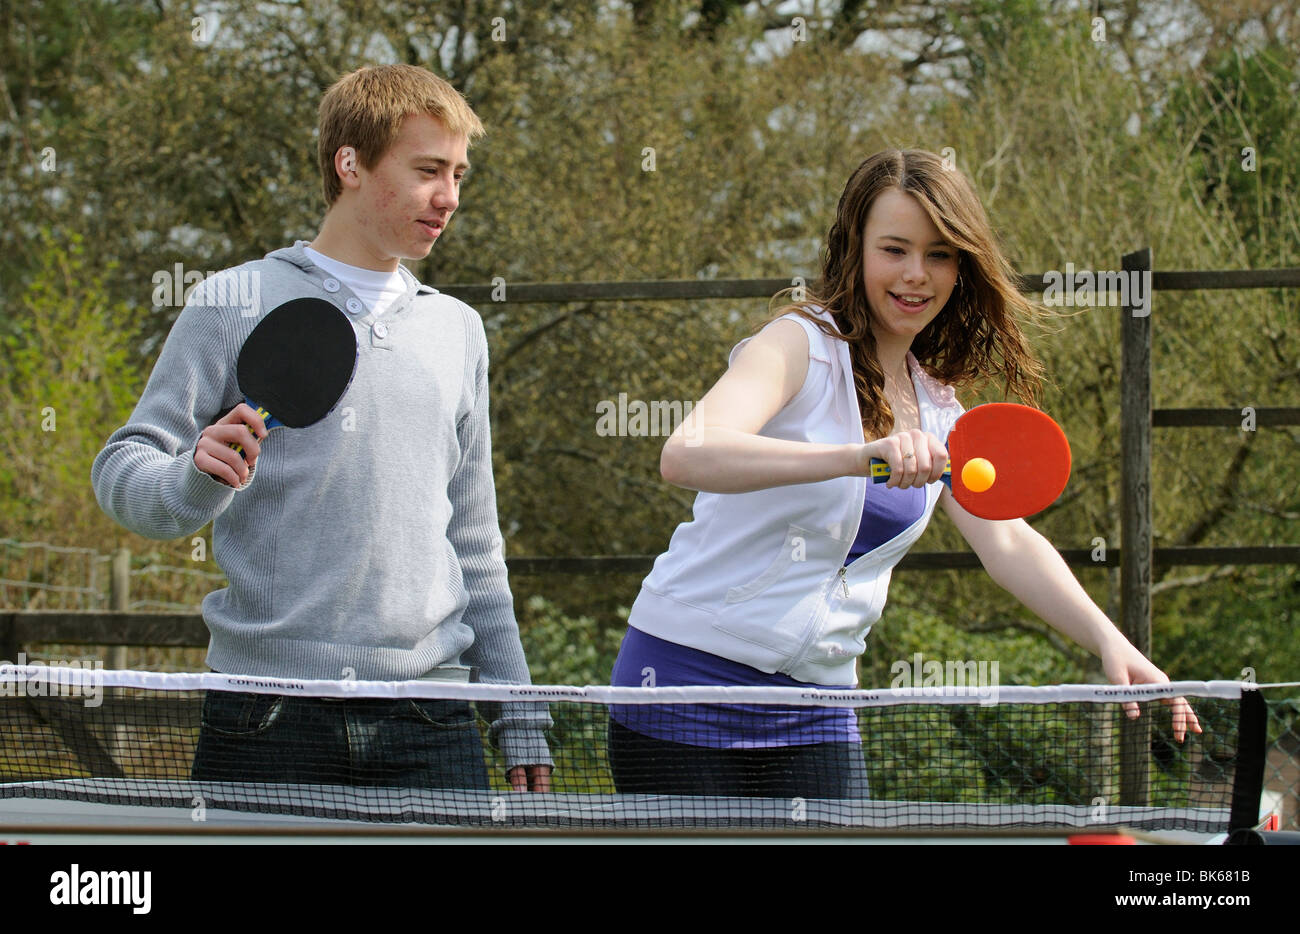 Gli adolescenti la riproduzione di un gioco di tennis da tavolo in giardino Immagini Stock